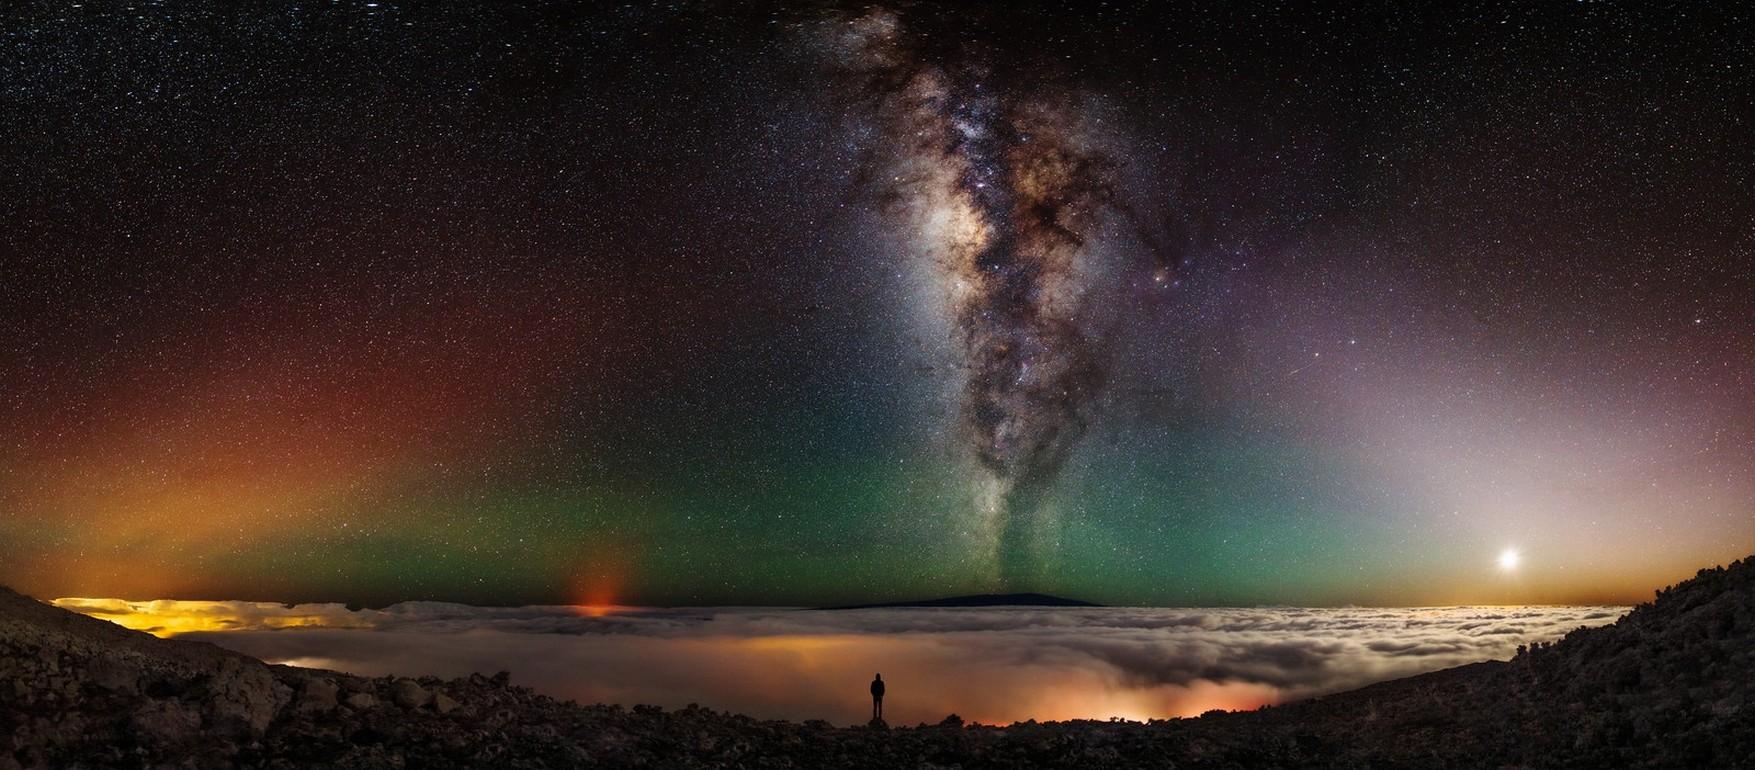 Fond d 39 cran paysage lumi res galaxie la nature for Paysage espace